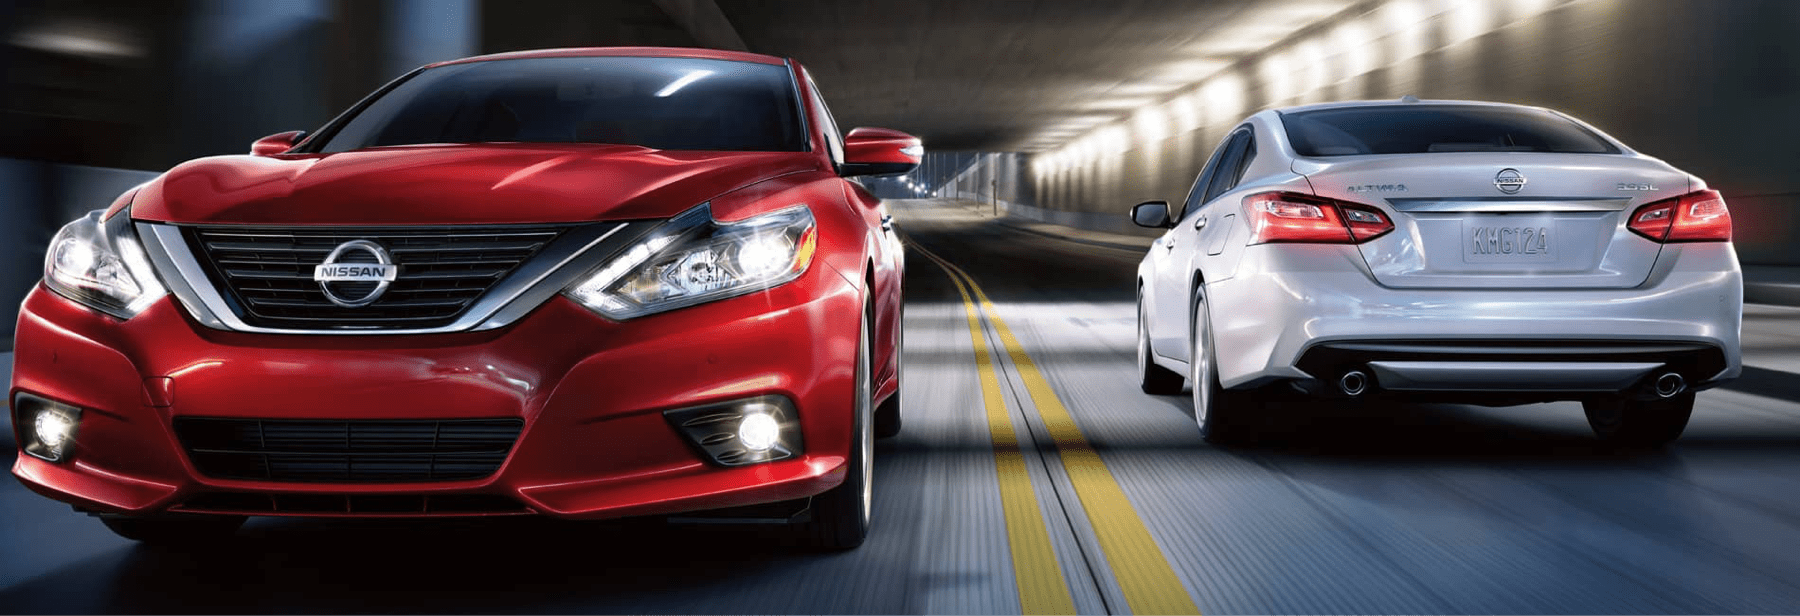 2017 Nissans